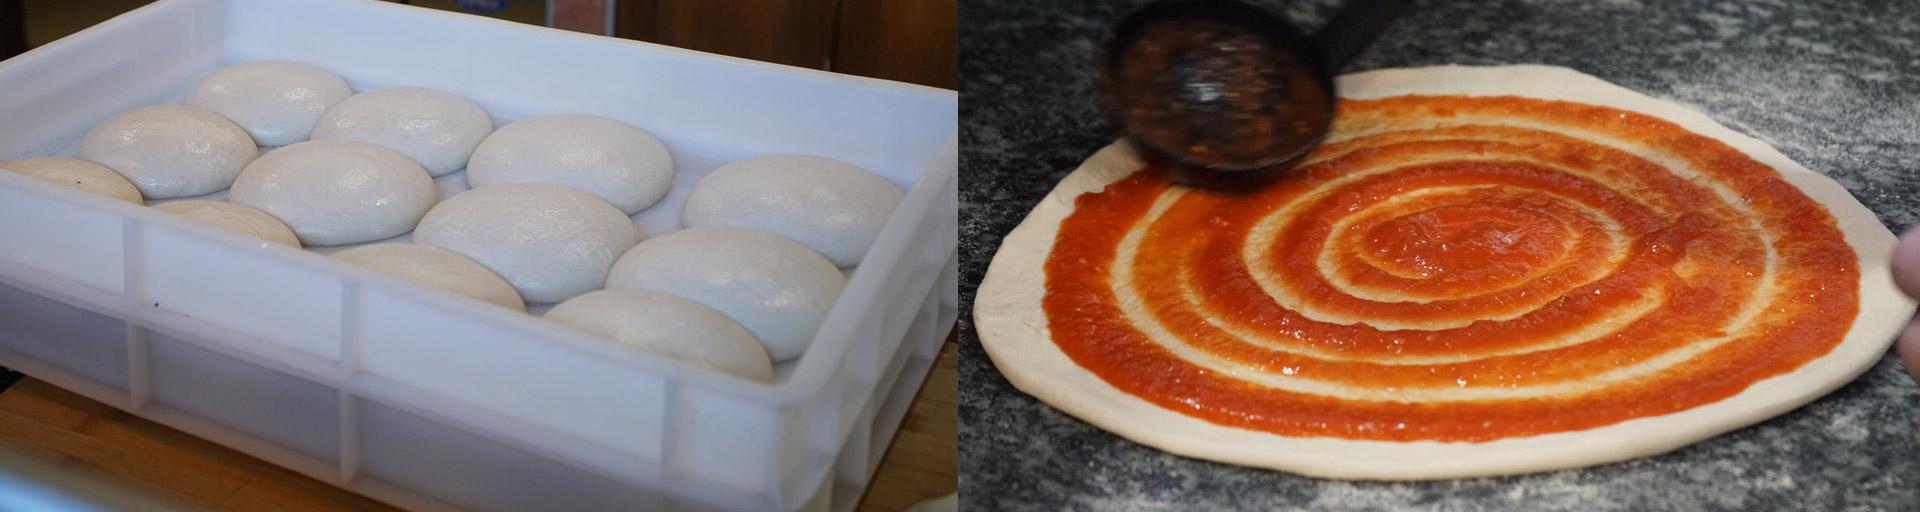 pizza-la-rustica-castiglione-torinese